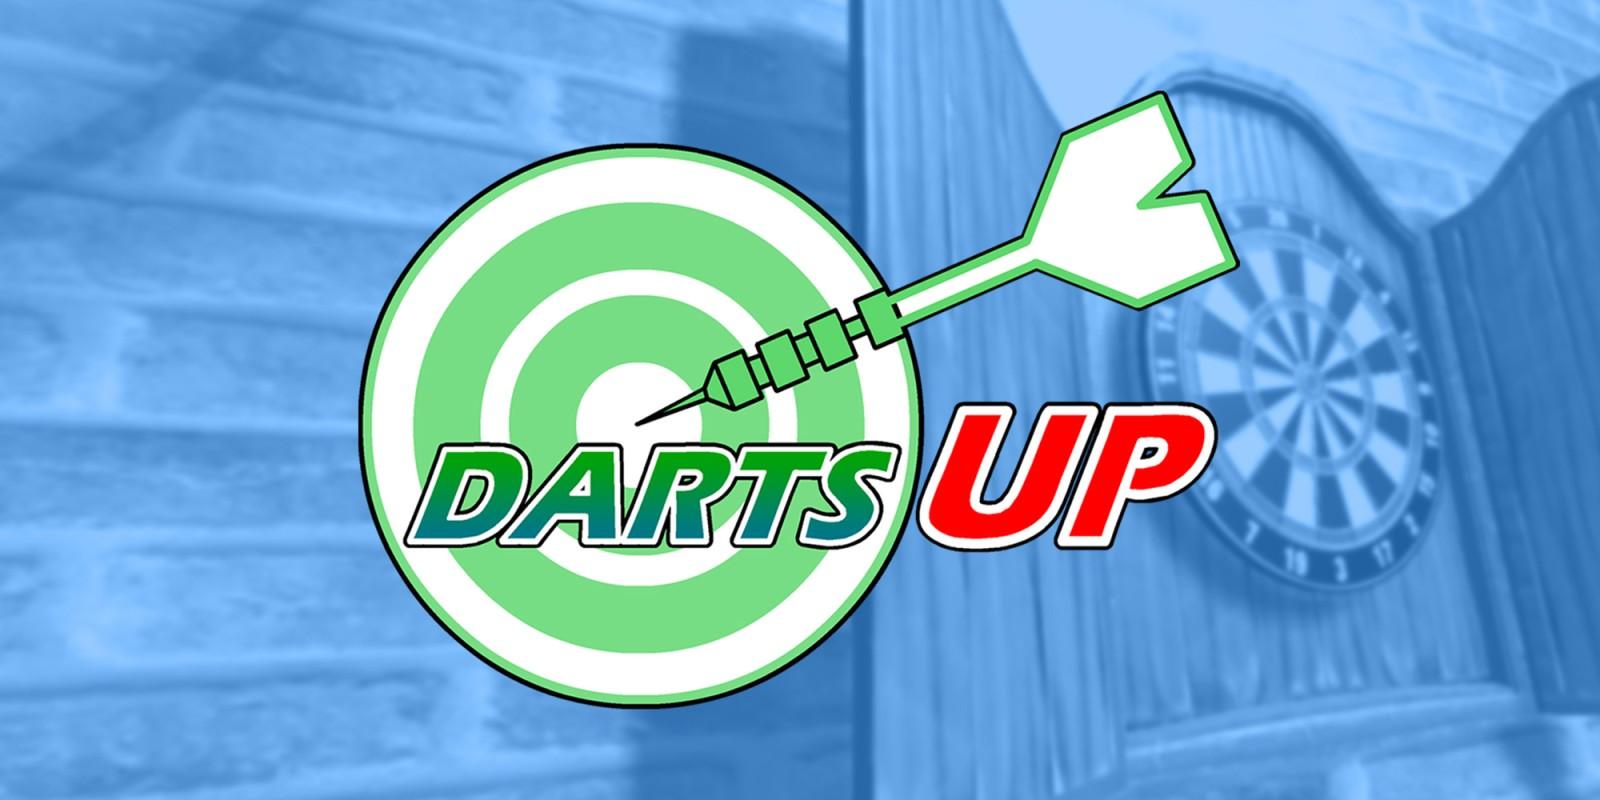 Darts Up